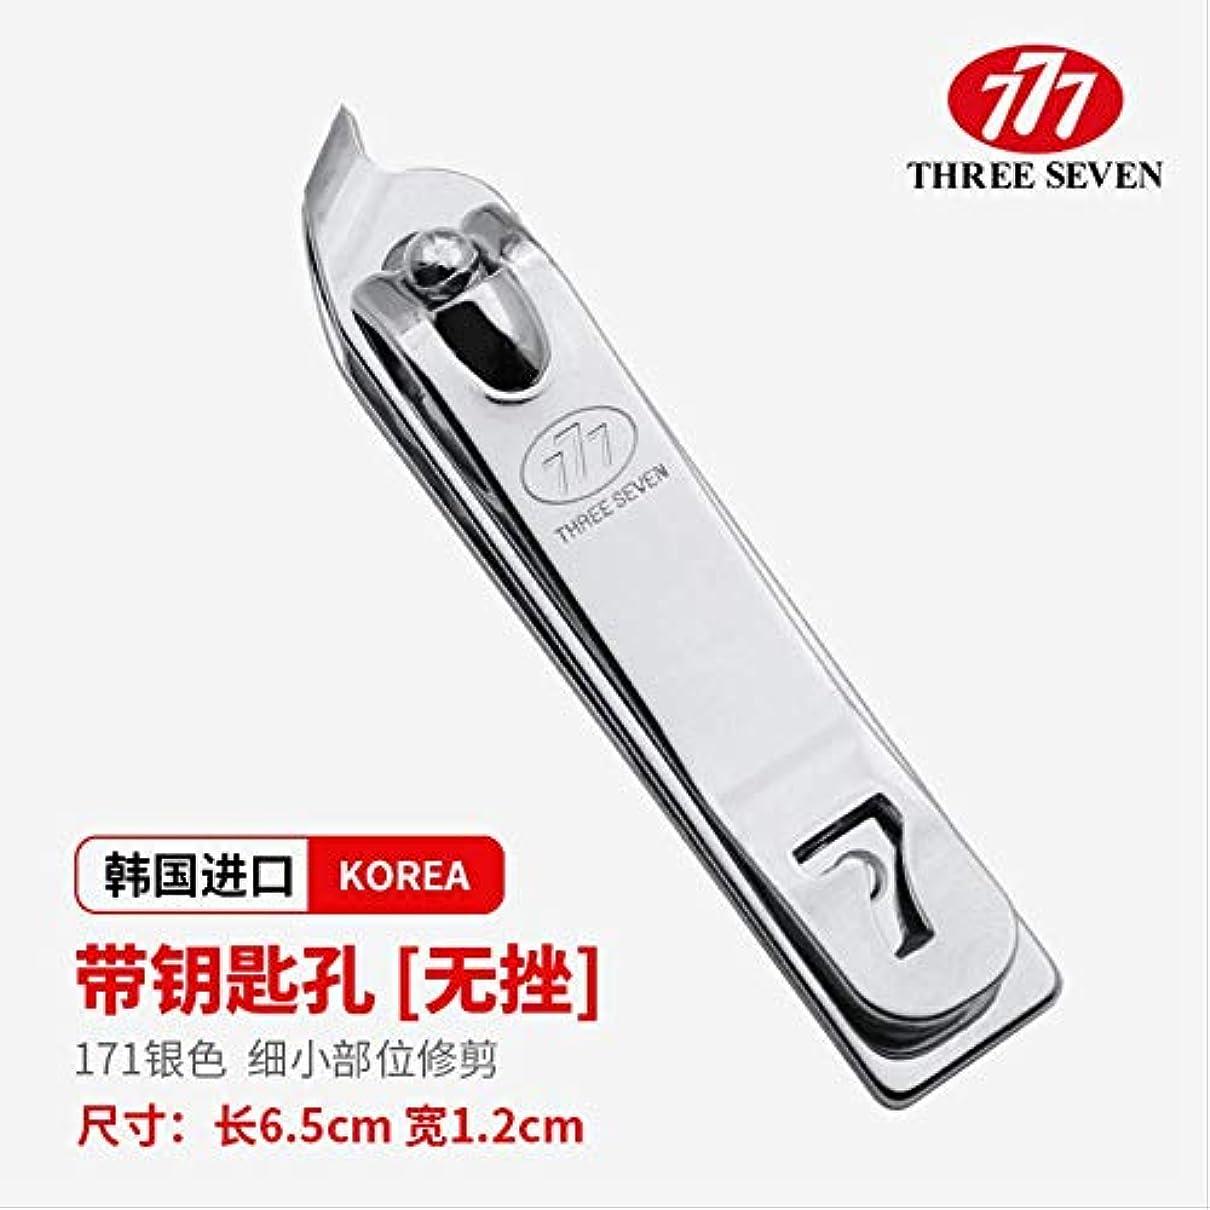 飾り羽氷シート韓国777爪切りはさみ元平口斜め爪切り小さな爪切り大本物 PCT-171Gギフトボックス